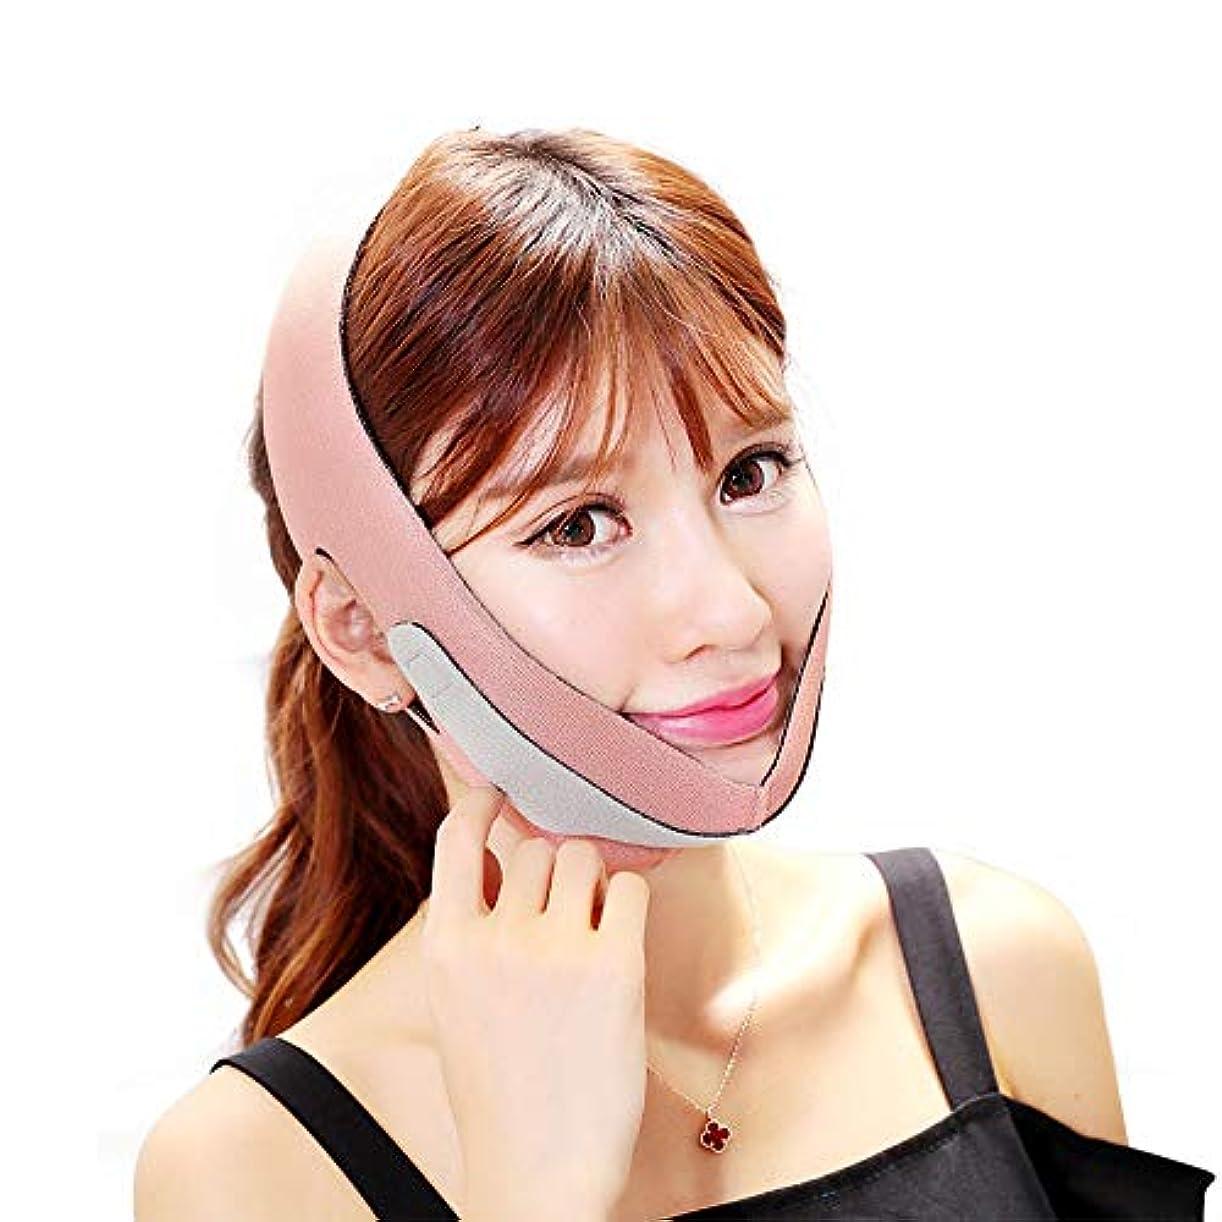 労働者好奇心盛おめでとう【Maveni】小顔 ベルト 美顔 顔痩せ 最新型 リフトアップベルト フェイスマスク メンズ レディース